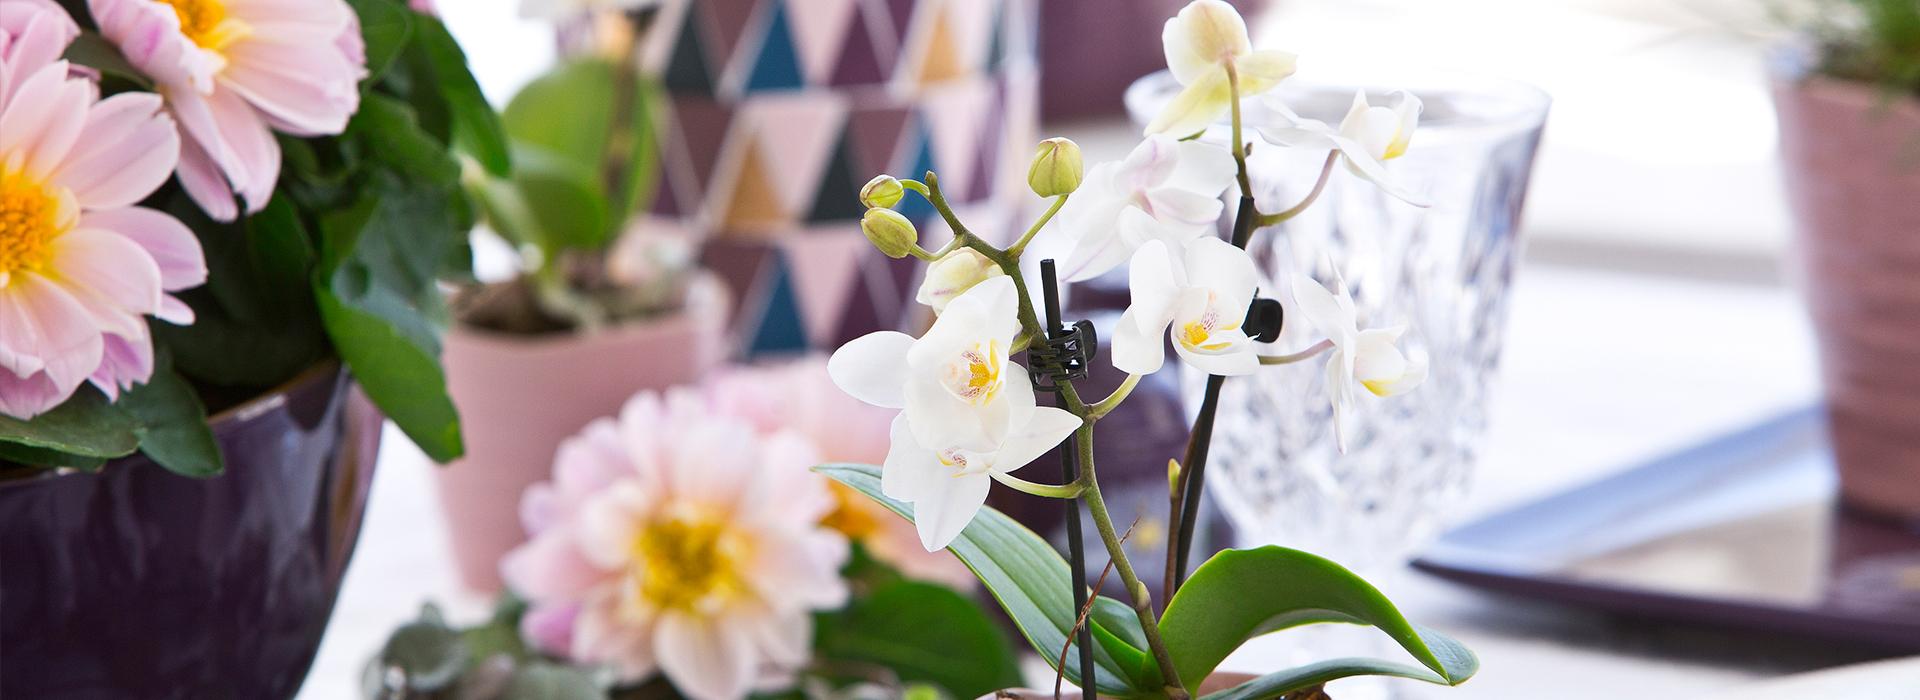 Orchidee: Farbtupfer zum Wohlfühlen